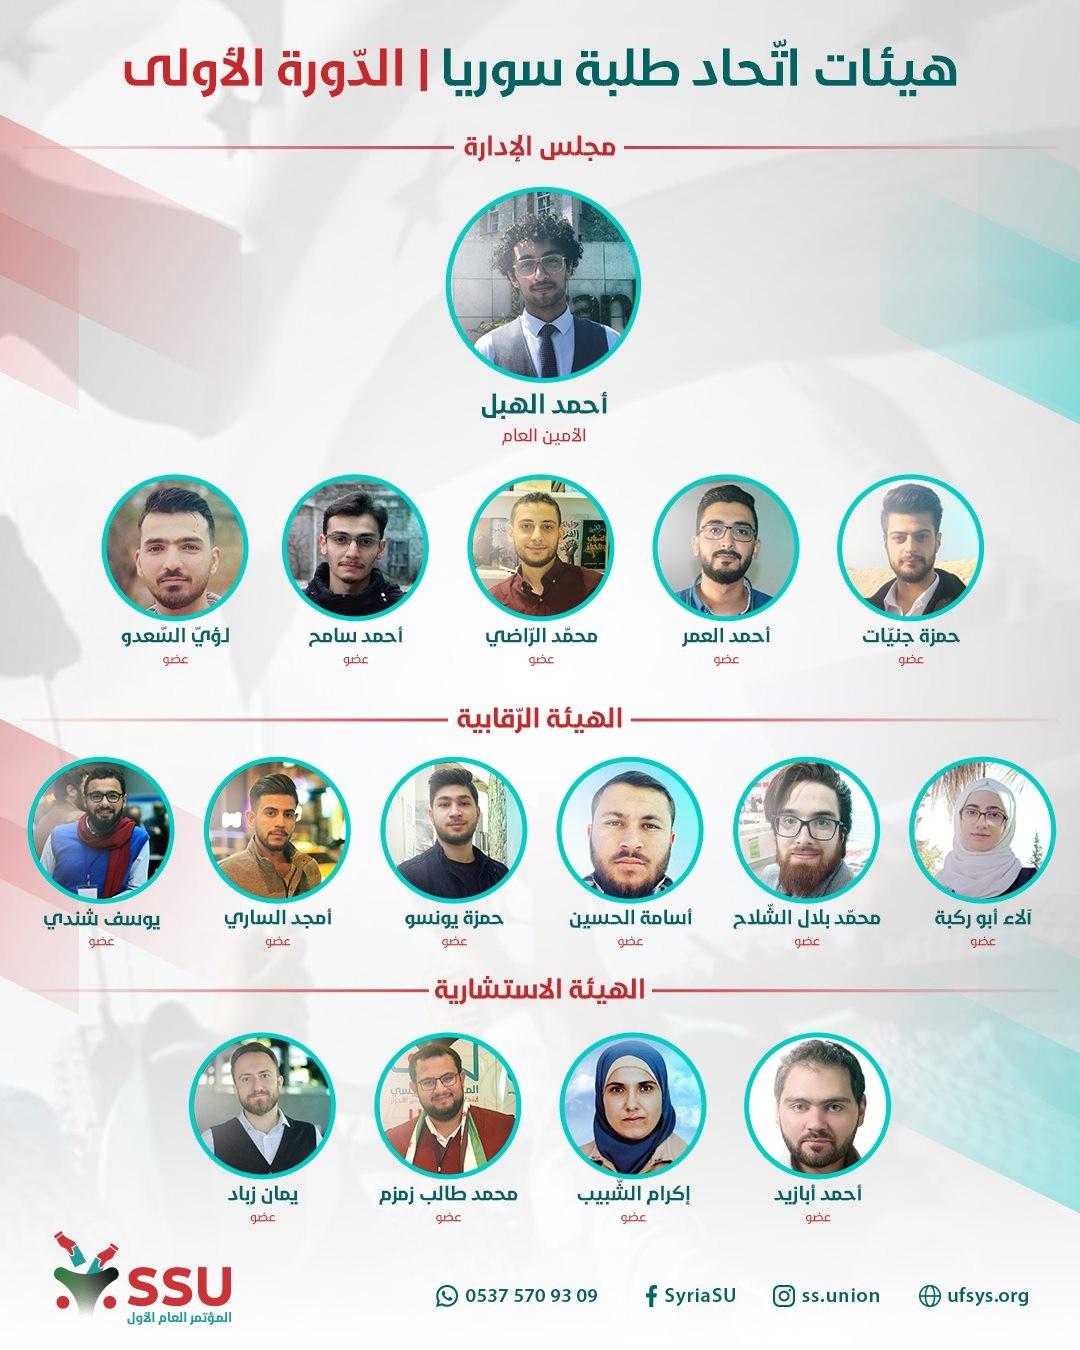 هيئة اتحاد طلبة سوريا.jpg